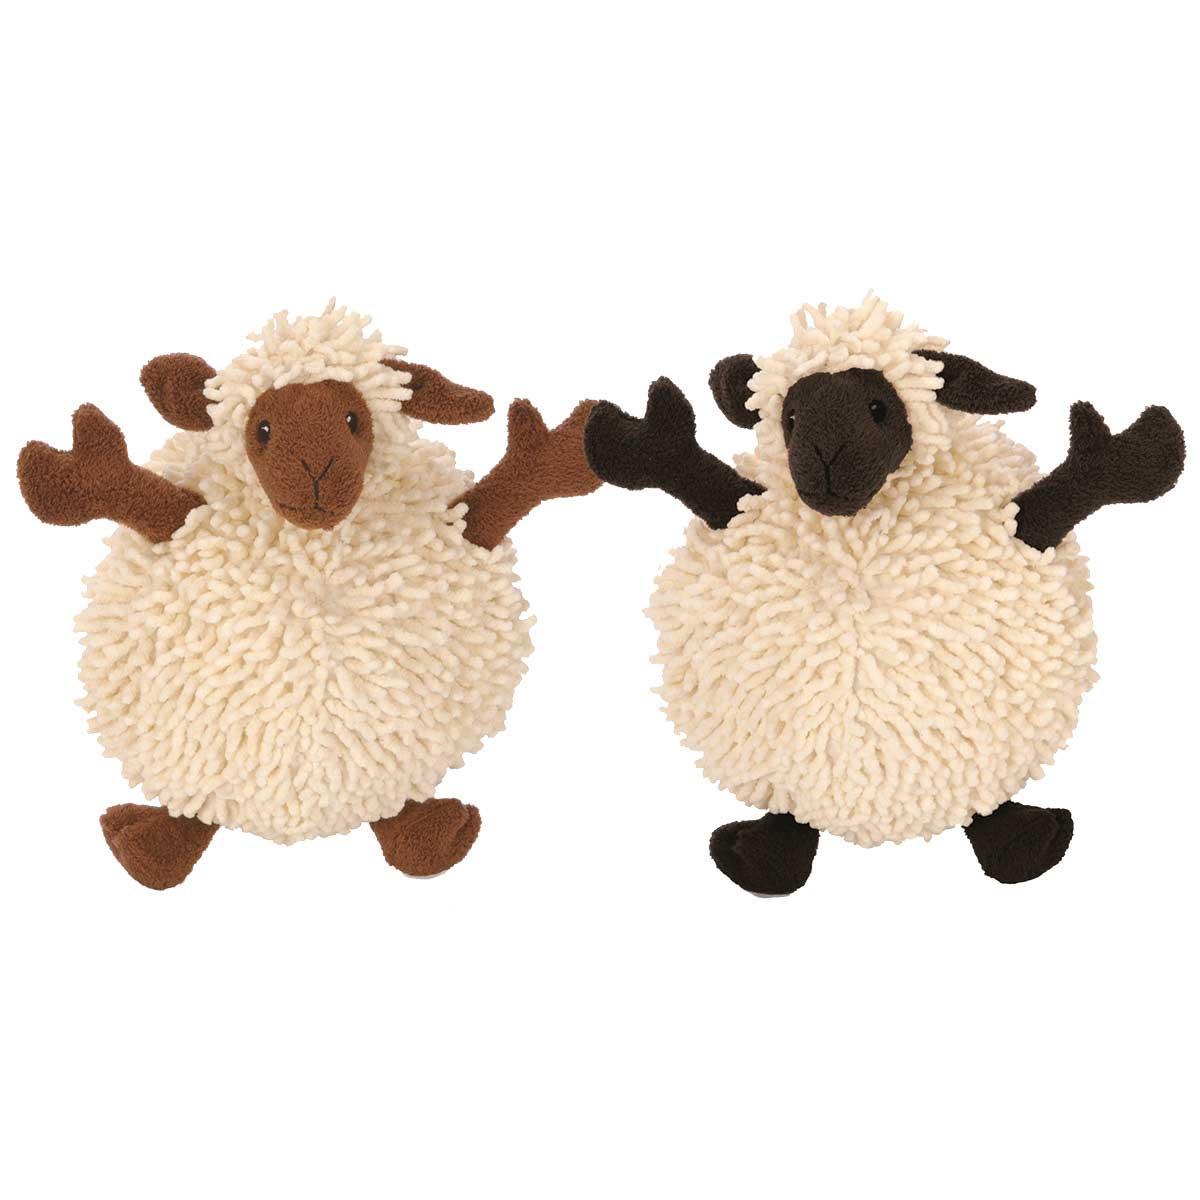 goDog Fuzzy Wuzzy Sheep Stuffed Dog Toy 8 inch